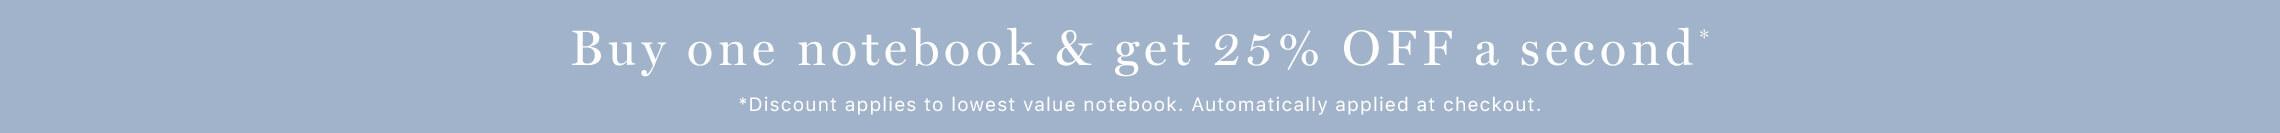 Notebooks desktop promo banner